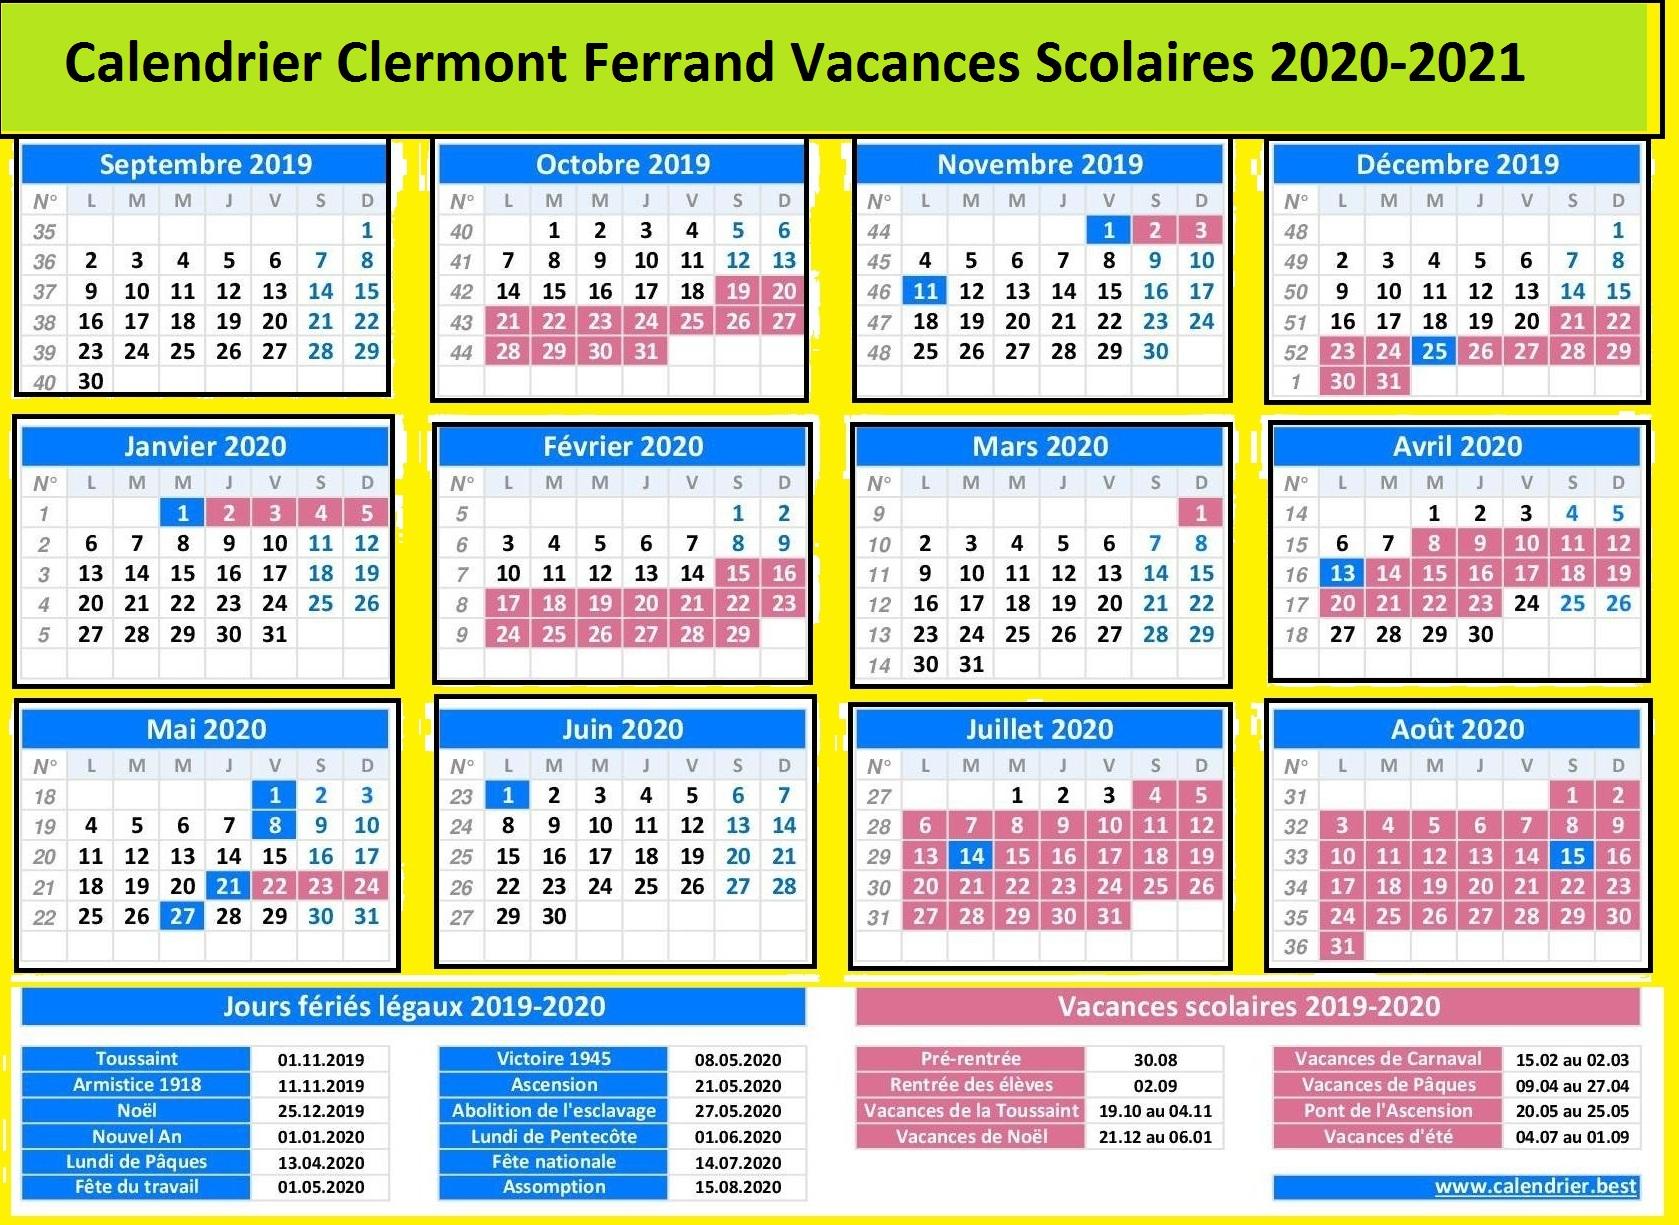 Clermont Ferrand Vacances Scolaires 2020-2021